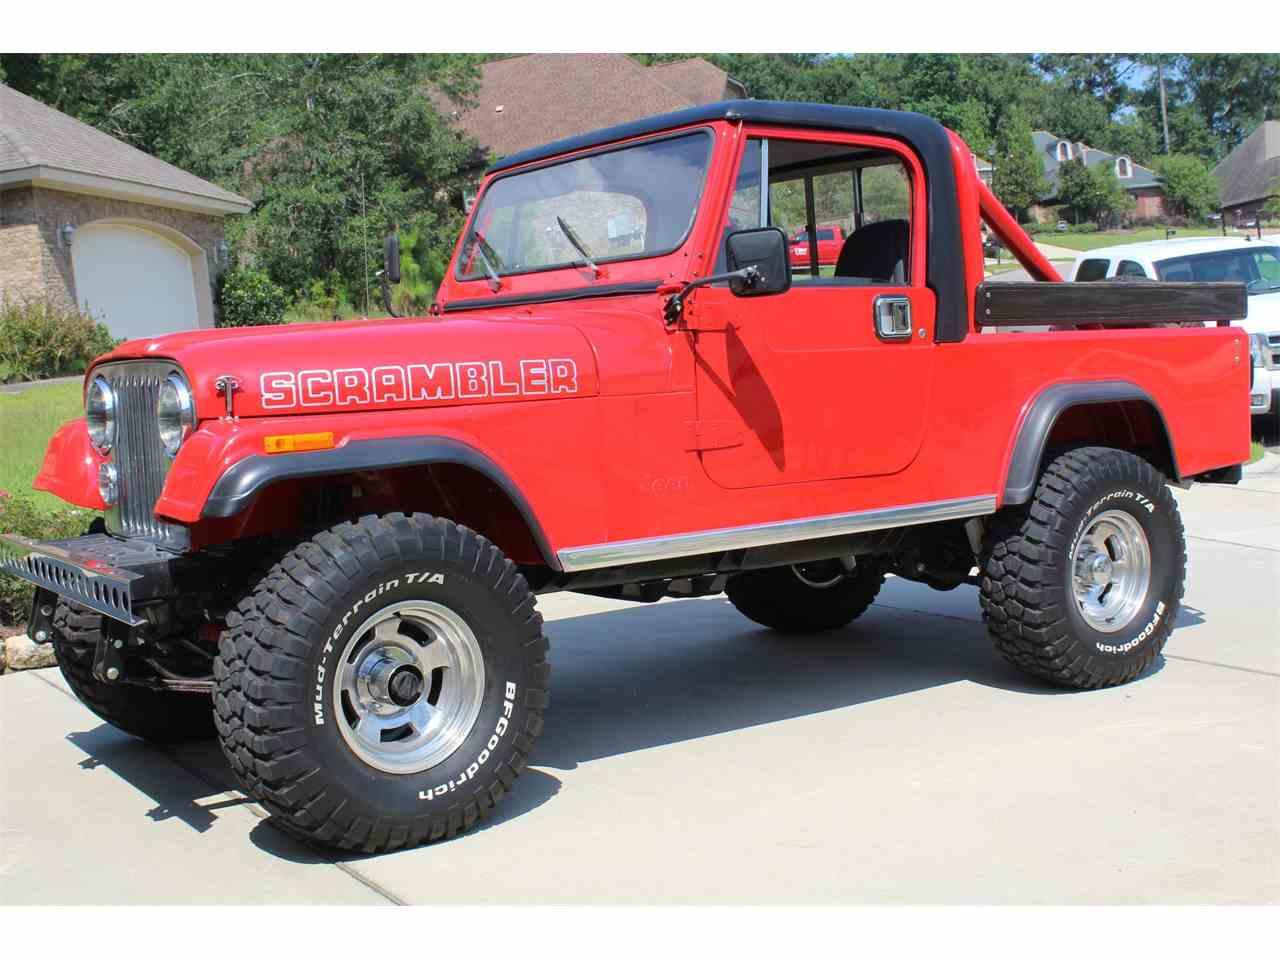 dealer dodge ram in dealers brooks al chrysler alabama cdjr disclaimer jeep work jackson trucks view hide